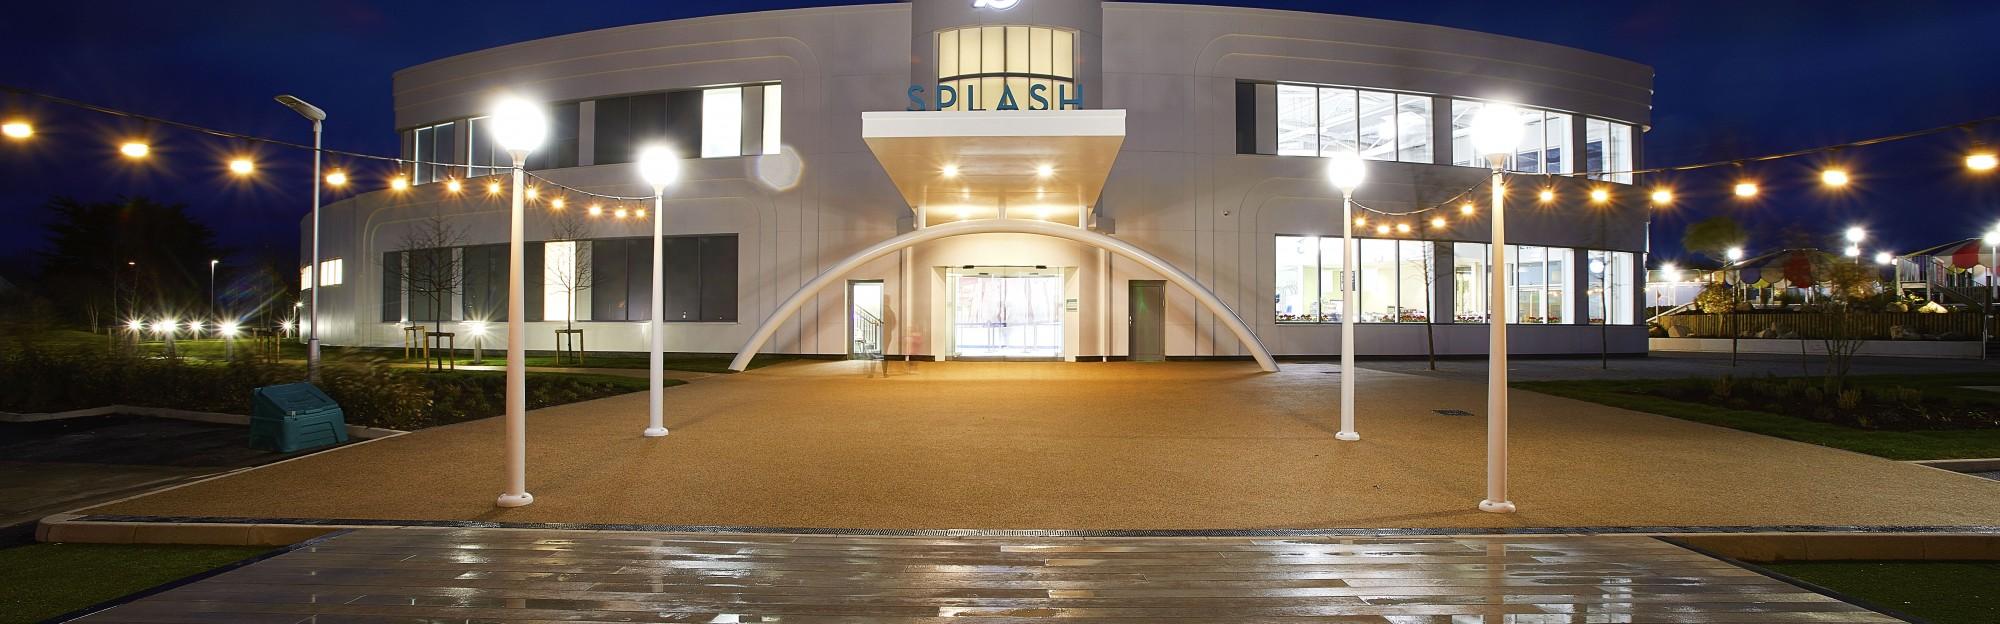 Butlins Splash Resort